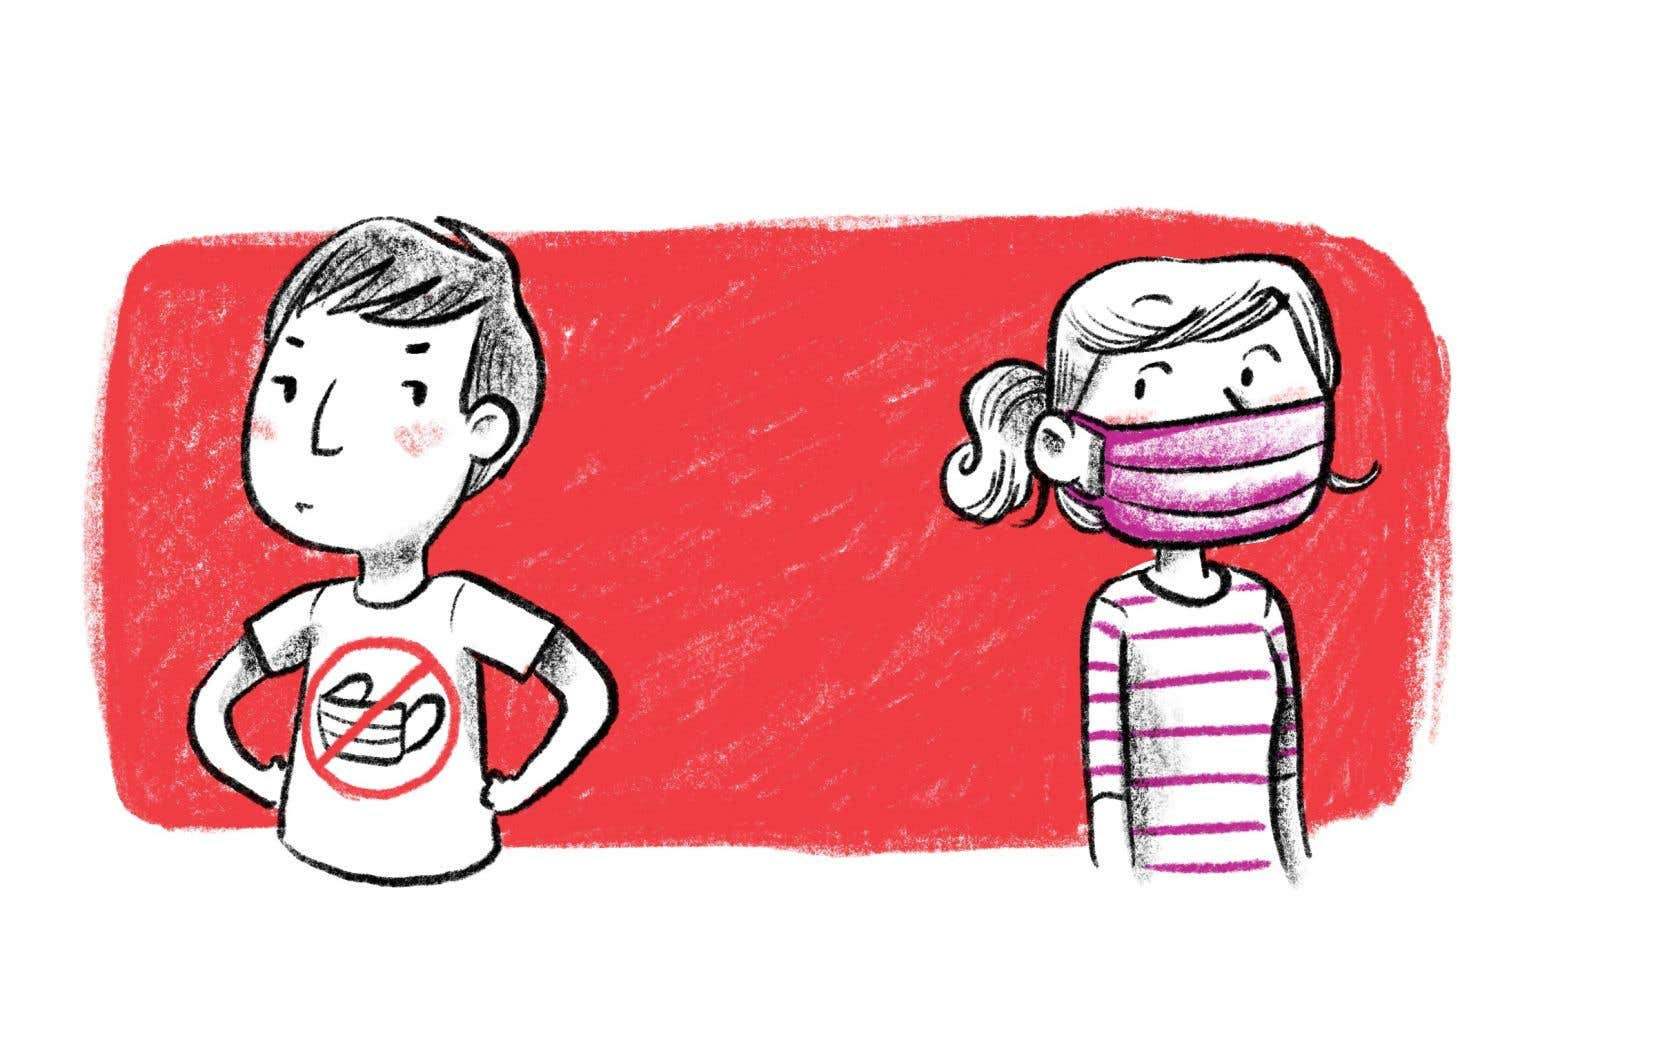 Depuis la mi-juillet, le gouvernement québécois exige le port du masque pour toutes les personnes de 12ans et plus qui veulent accéder à des endroits publics fermés, comme l'école, l'épicerie, l'autobus et les magasins.